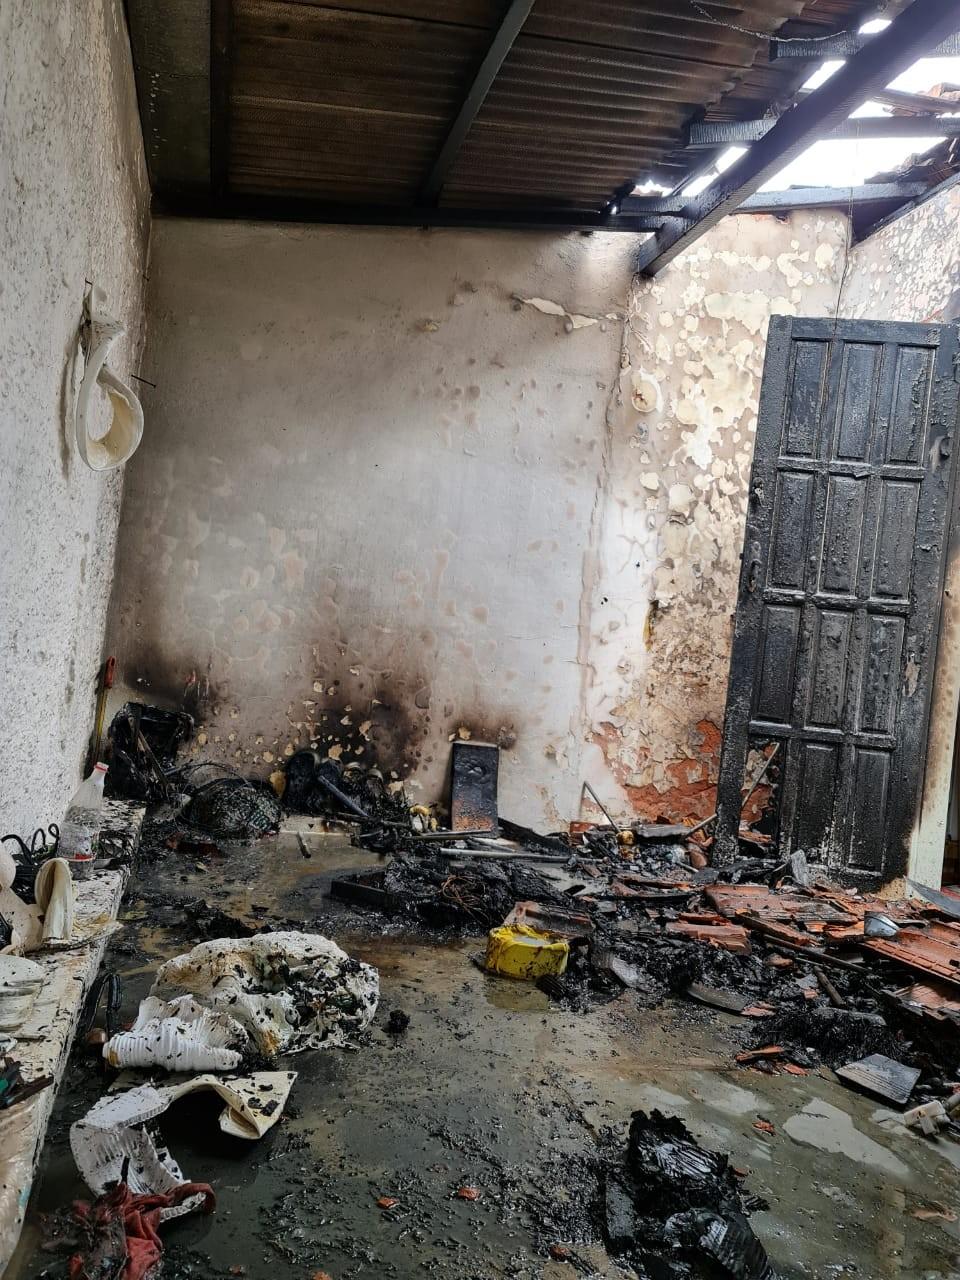 Incêndio atinge telhado de casa em Montes Claros; chamas podem ter sido provocadas após vazamento de gás